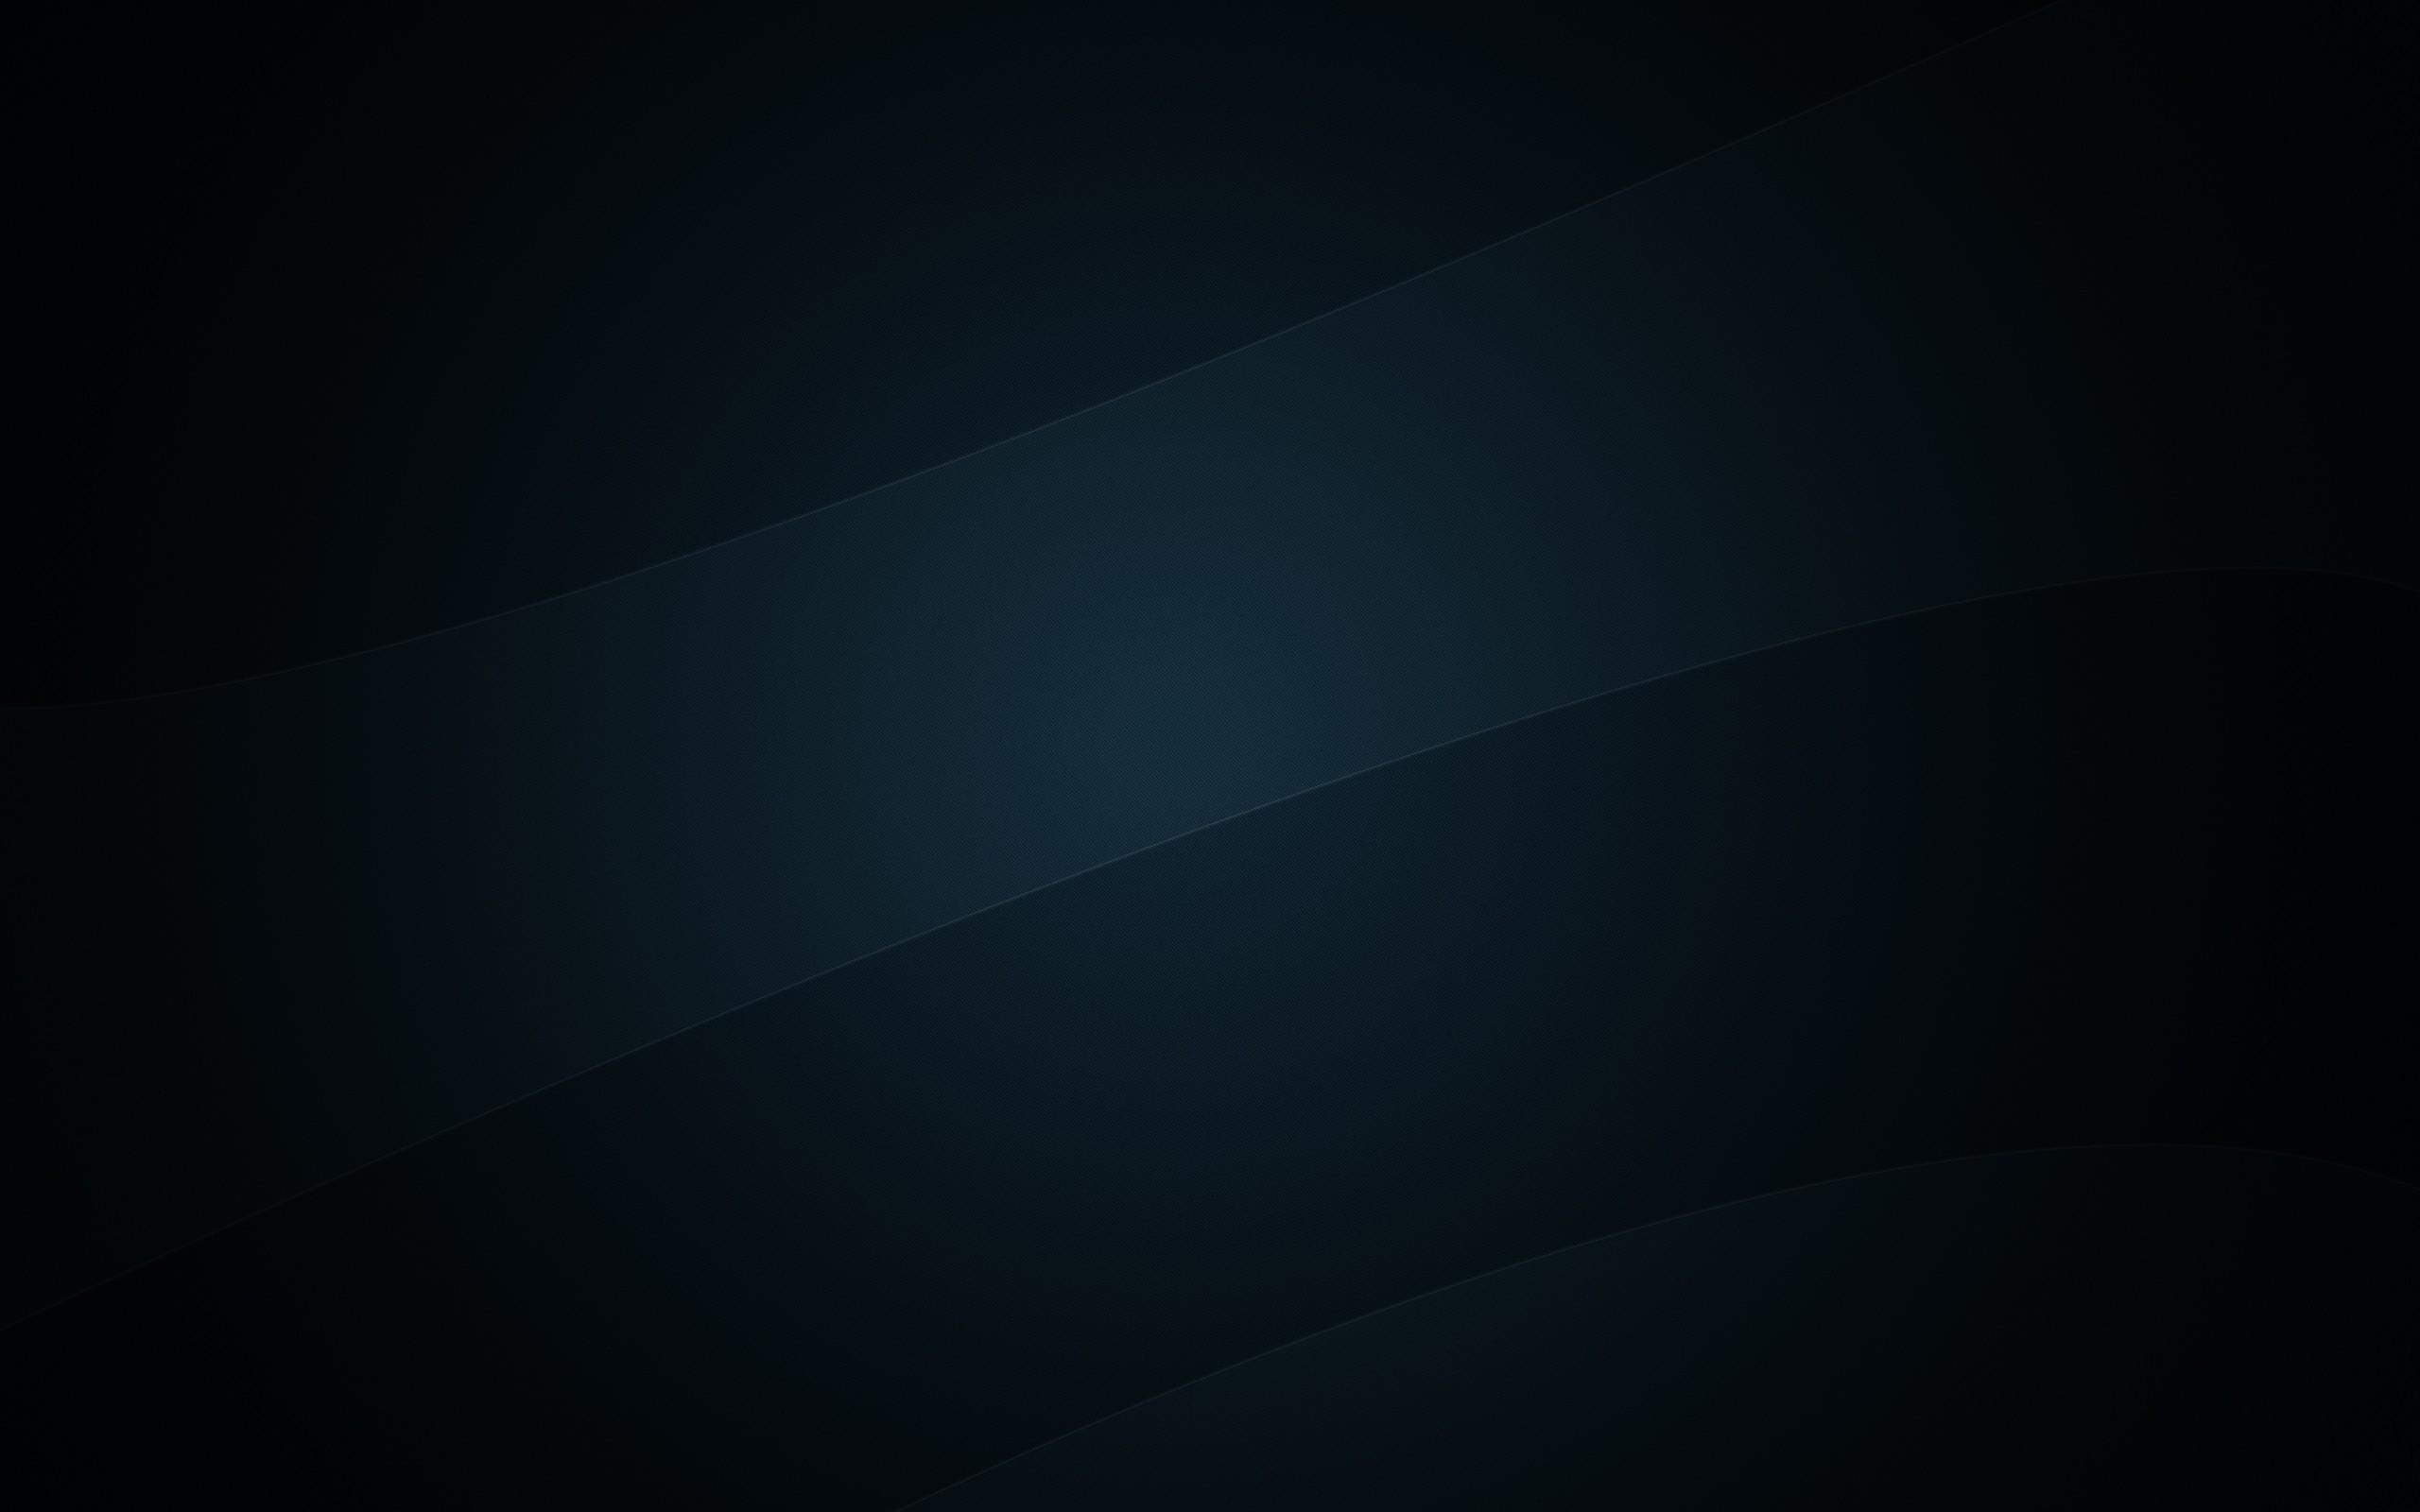 60fps Dark Blue Strings Of Light Halo Effect Motion: Dark Blue Backgrounds (56+ Images